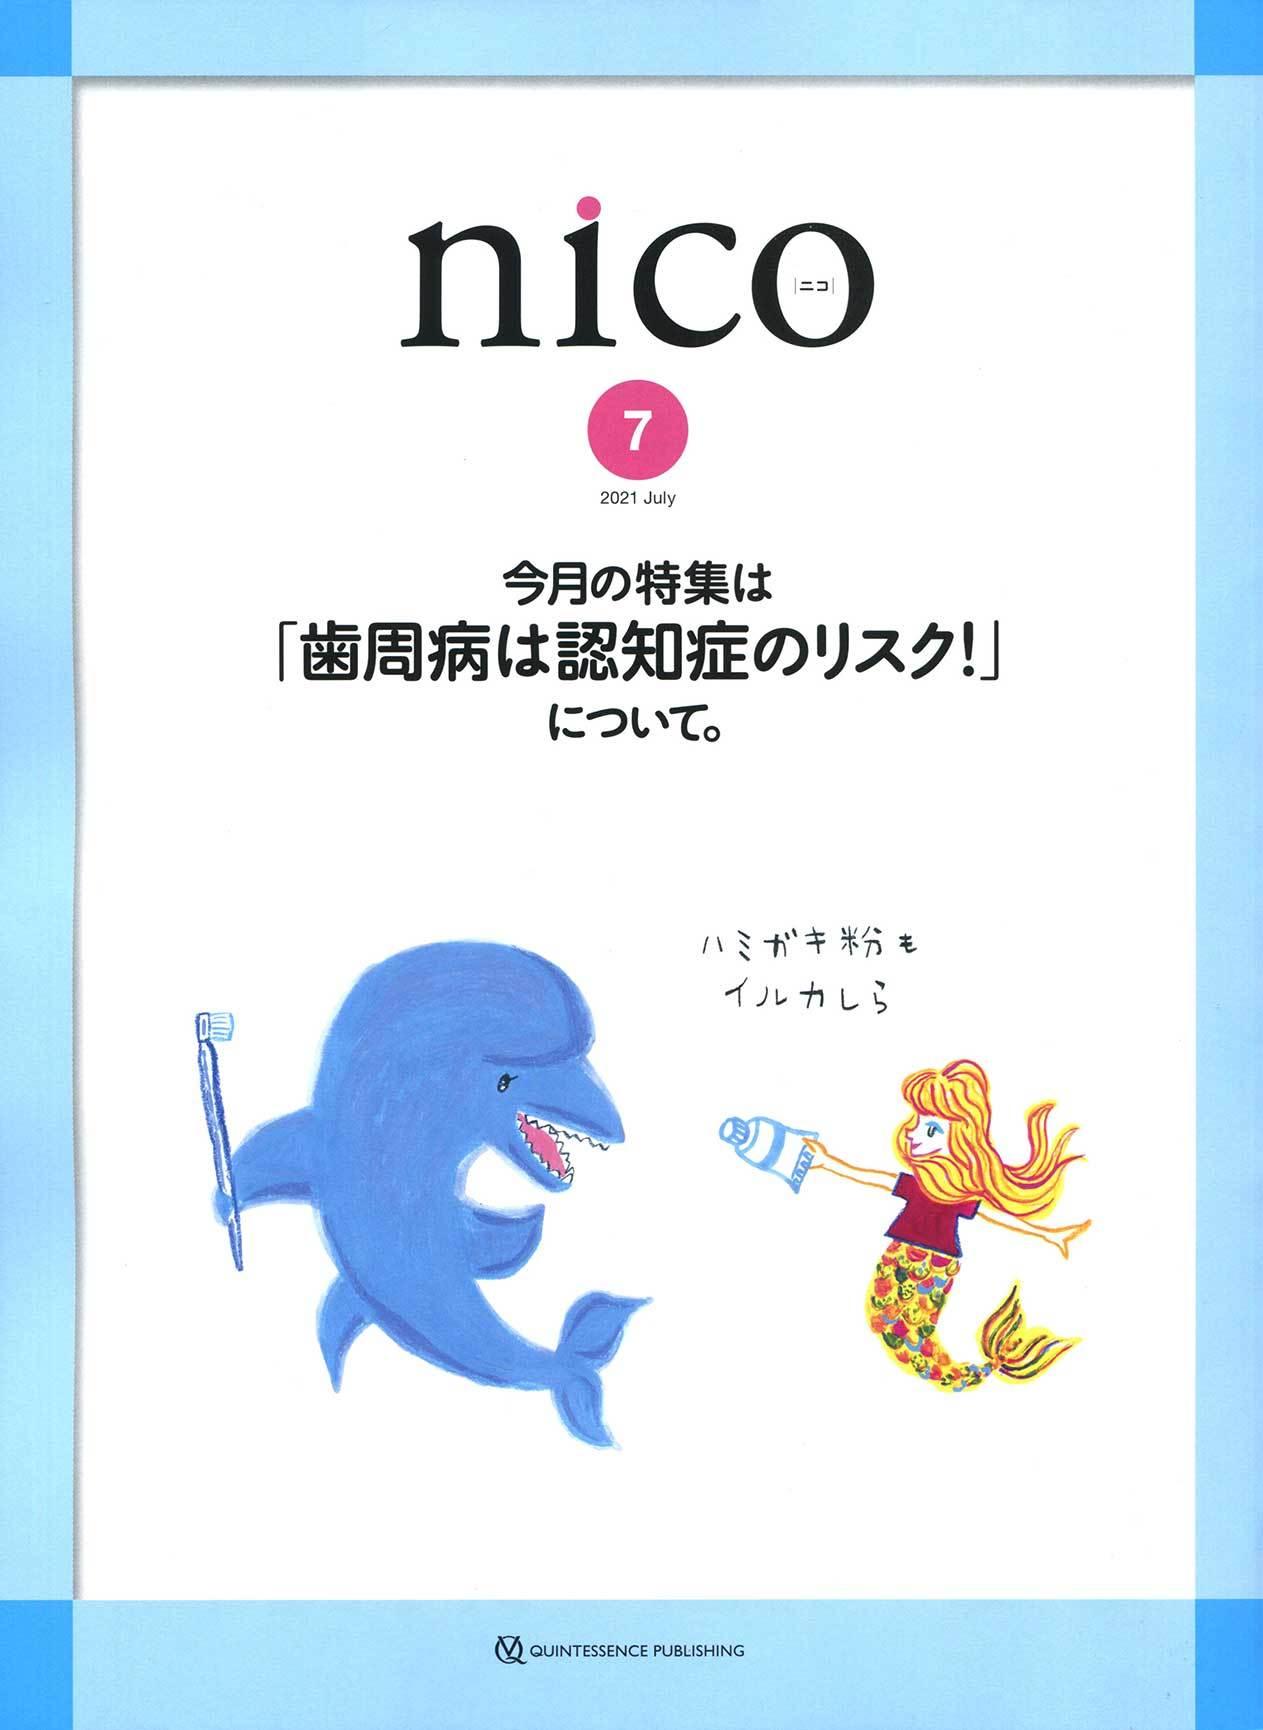 歯科情報誌 nico 2021年7月号 扉イラストレーション_a0048227_21084915.jpg